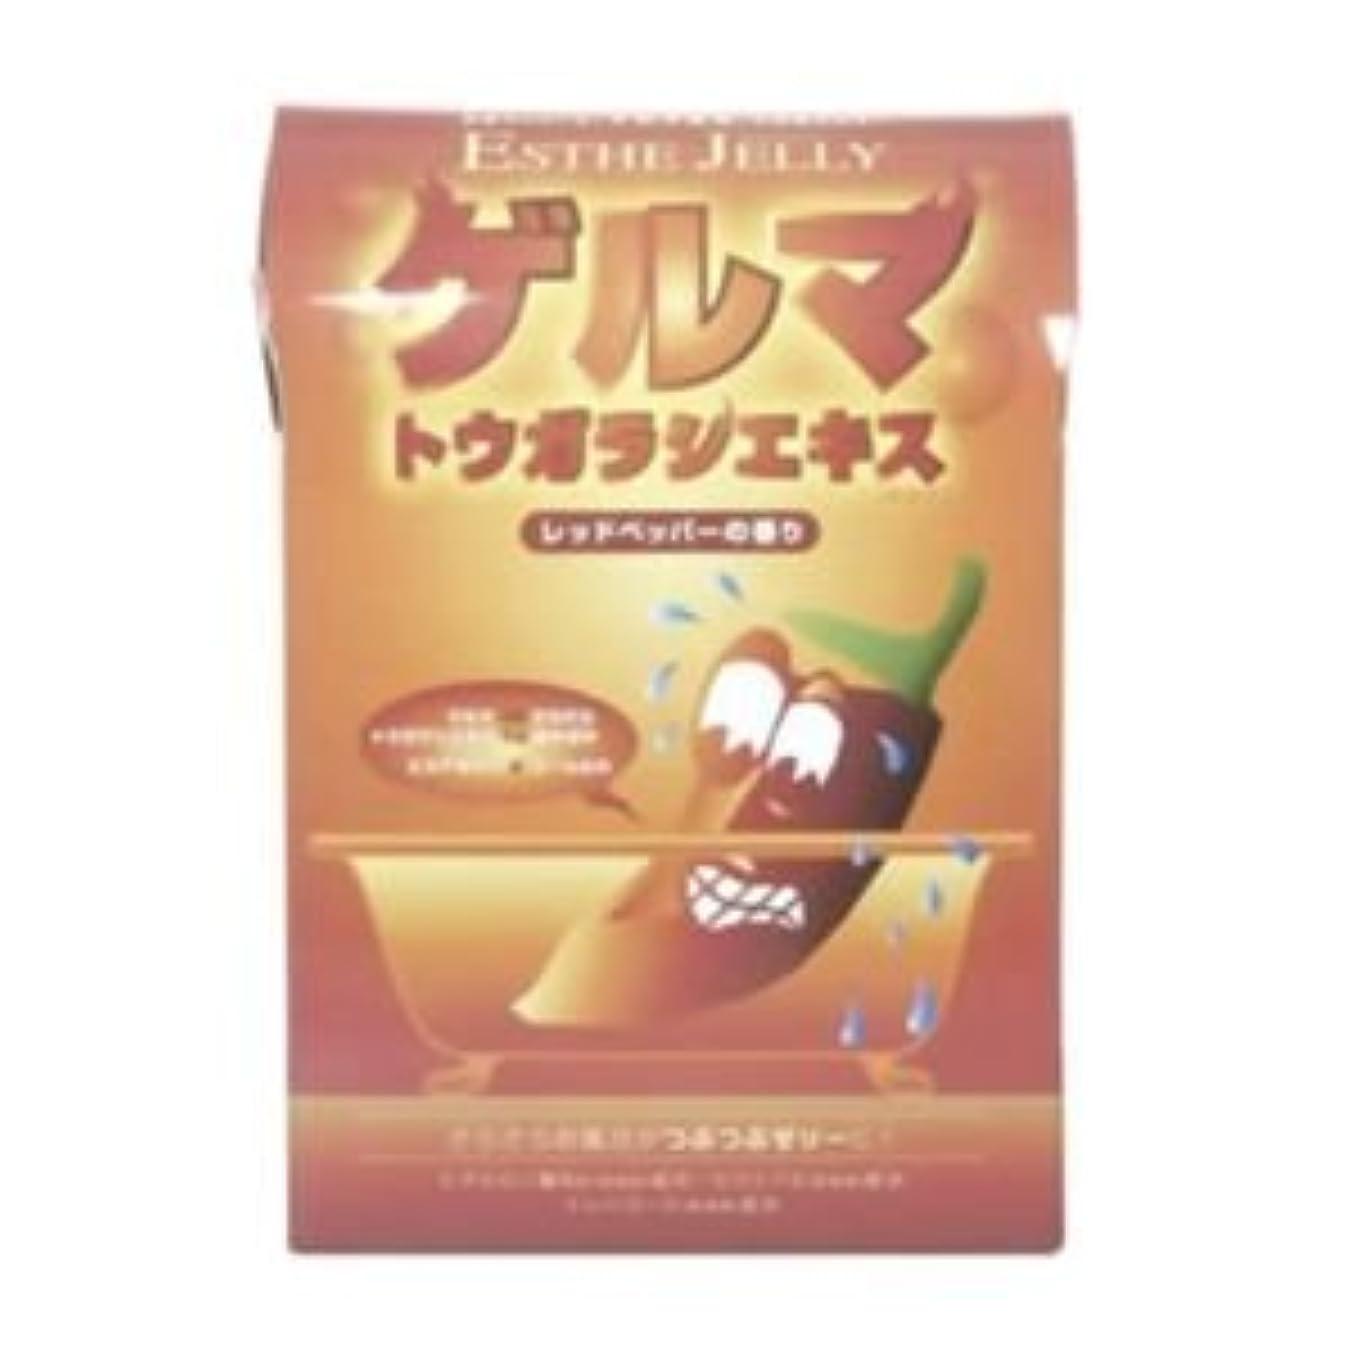 依存無効磨かれたエステゼリー ゲルマ レッドペッパーの香り 【2セット】